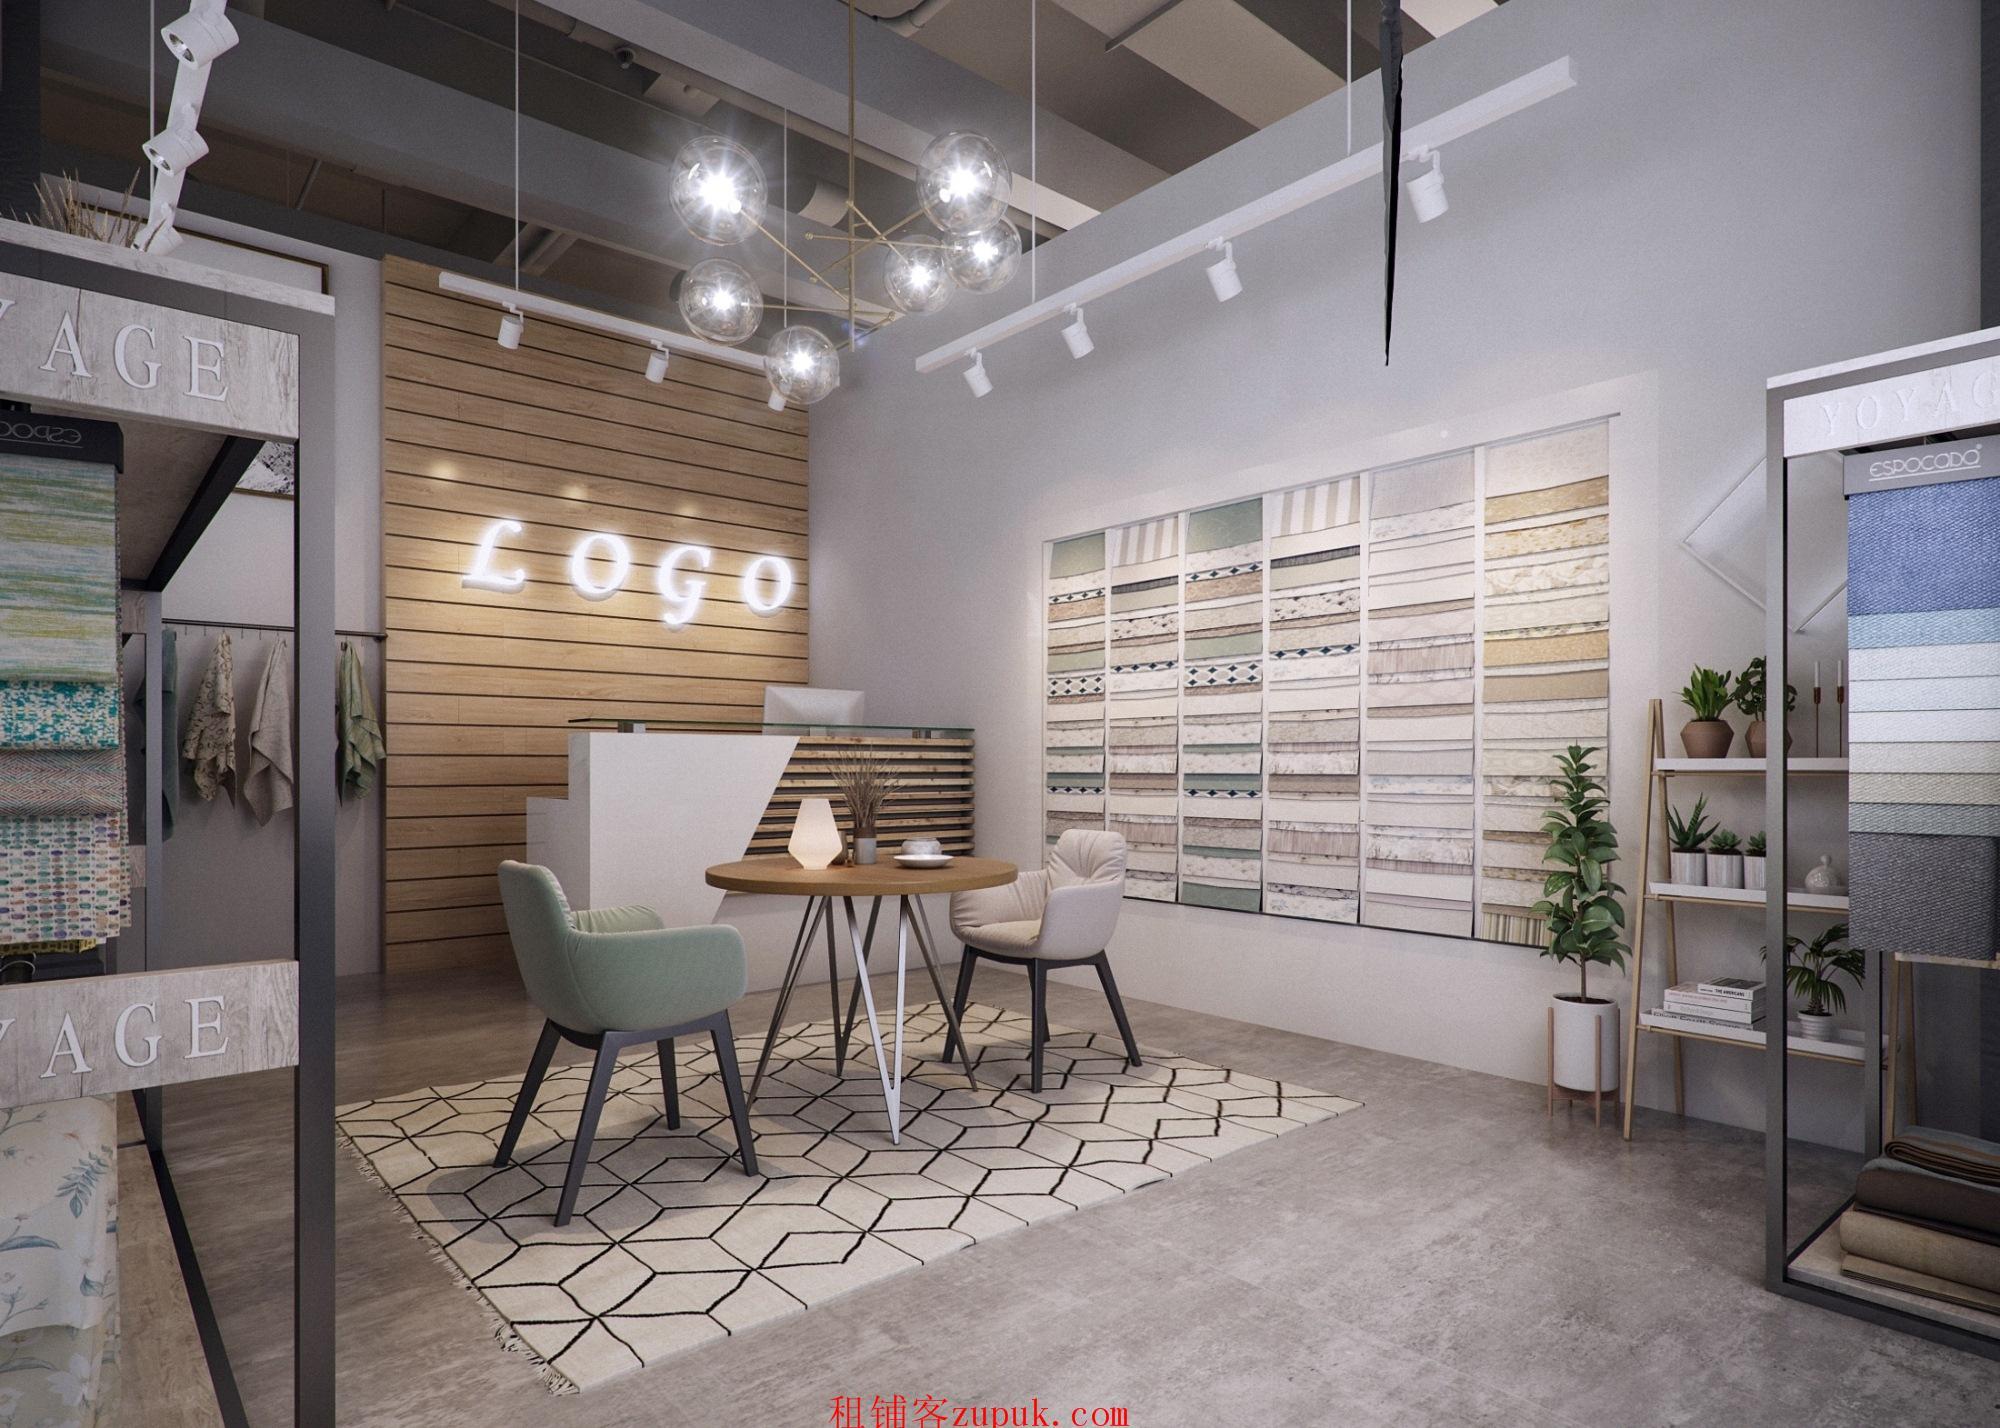 铺租低到没朋友、客户挤到变形的新商铺招租啦